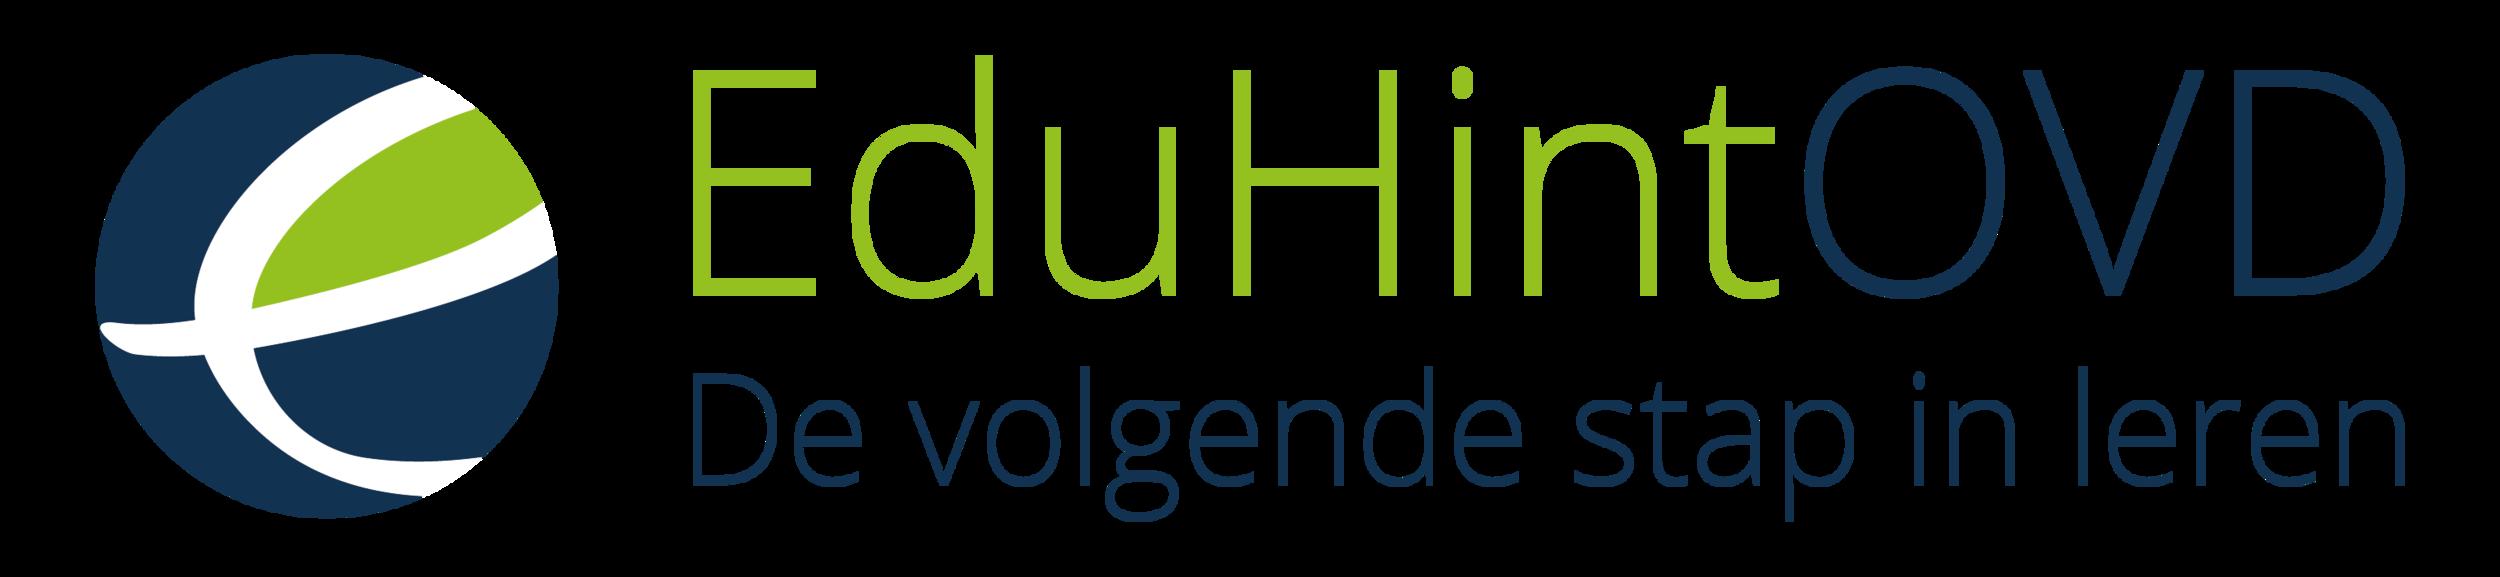 Logo EduHintVDO.png